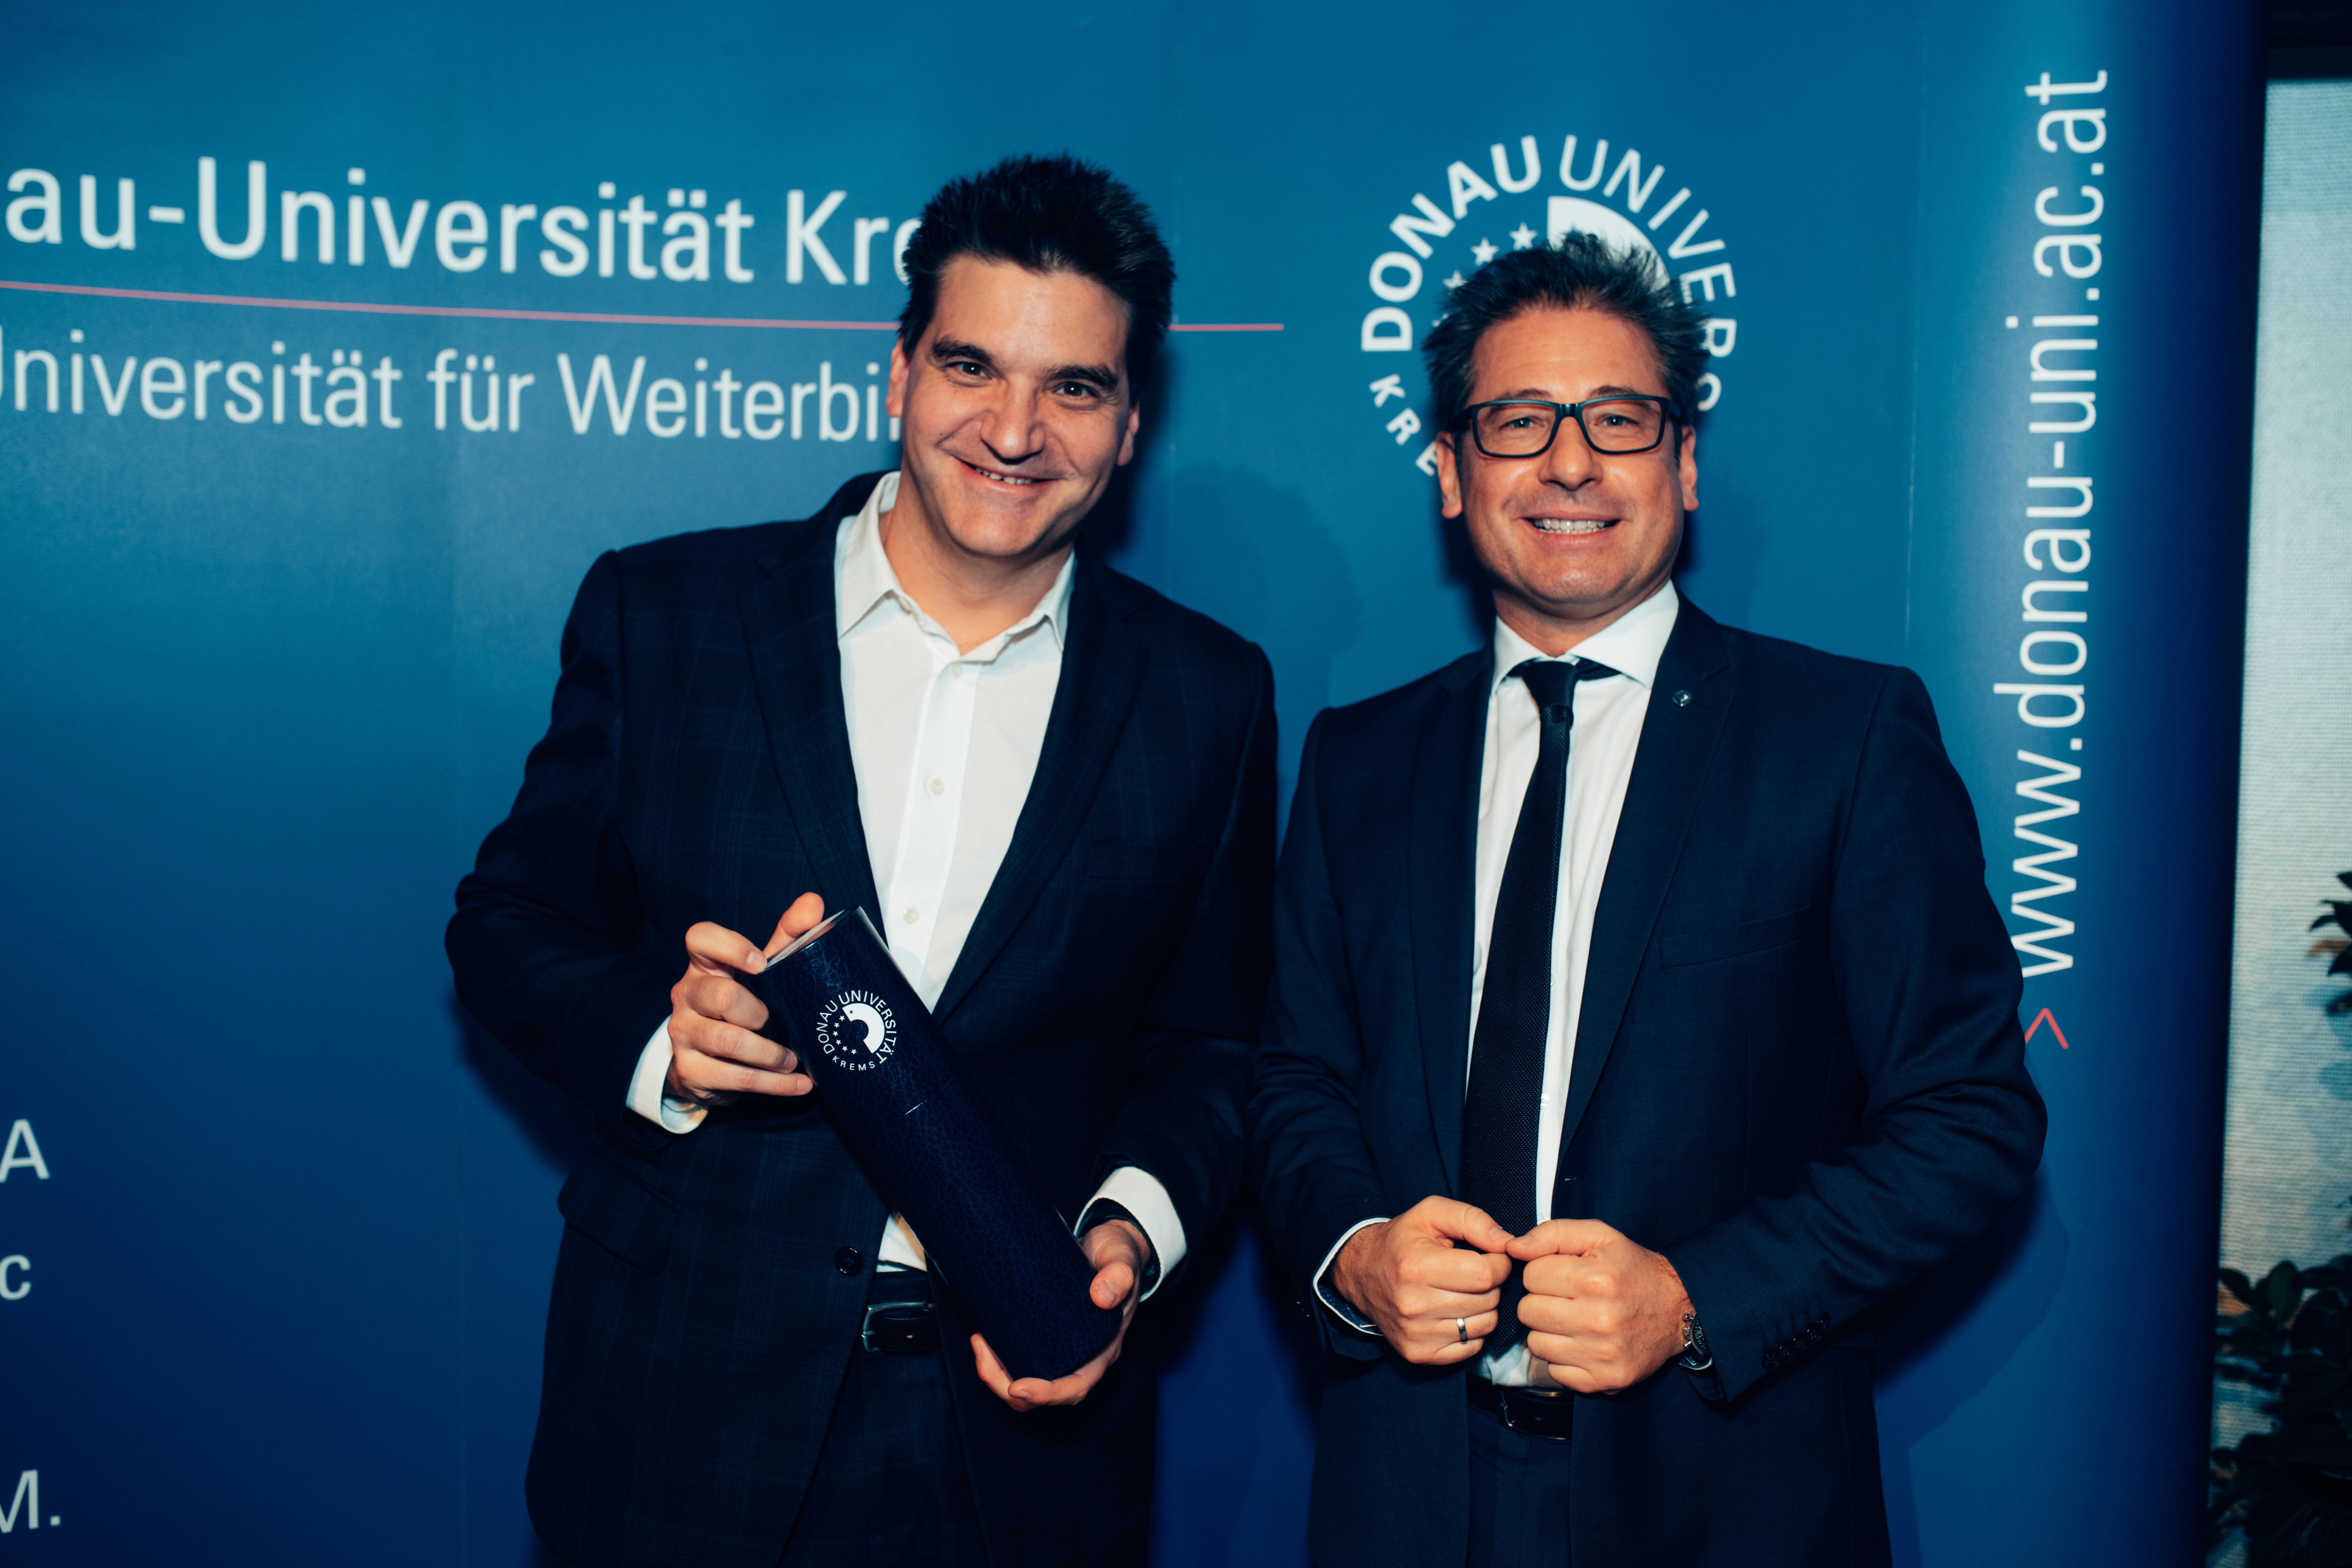 Michael Weilguny Graduierung-Aufsichtsrat Universitätslehrgang Professionelle Aufsichtsrats- und Gremientätigkeit 2019 Donau-Universität Krems